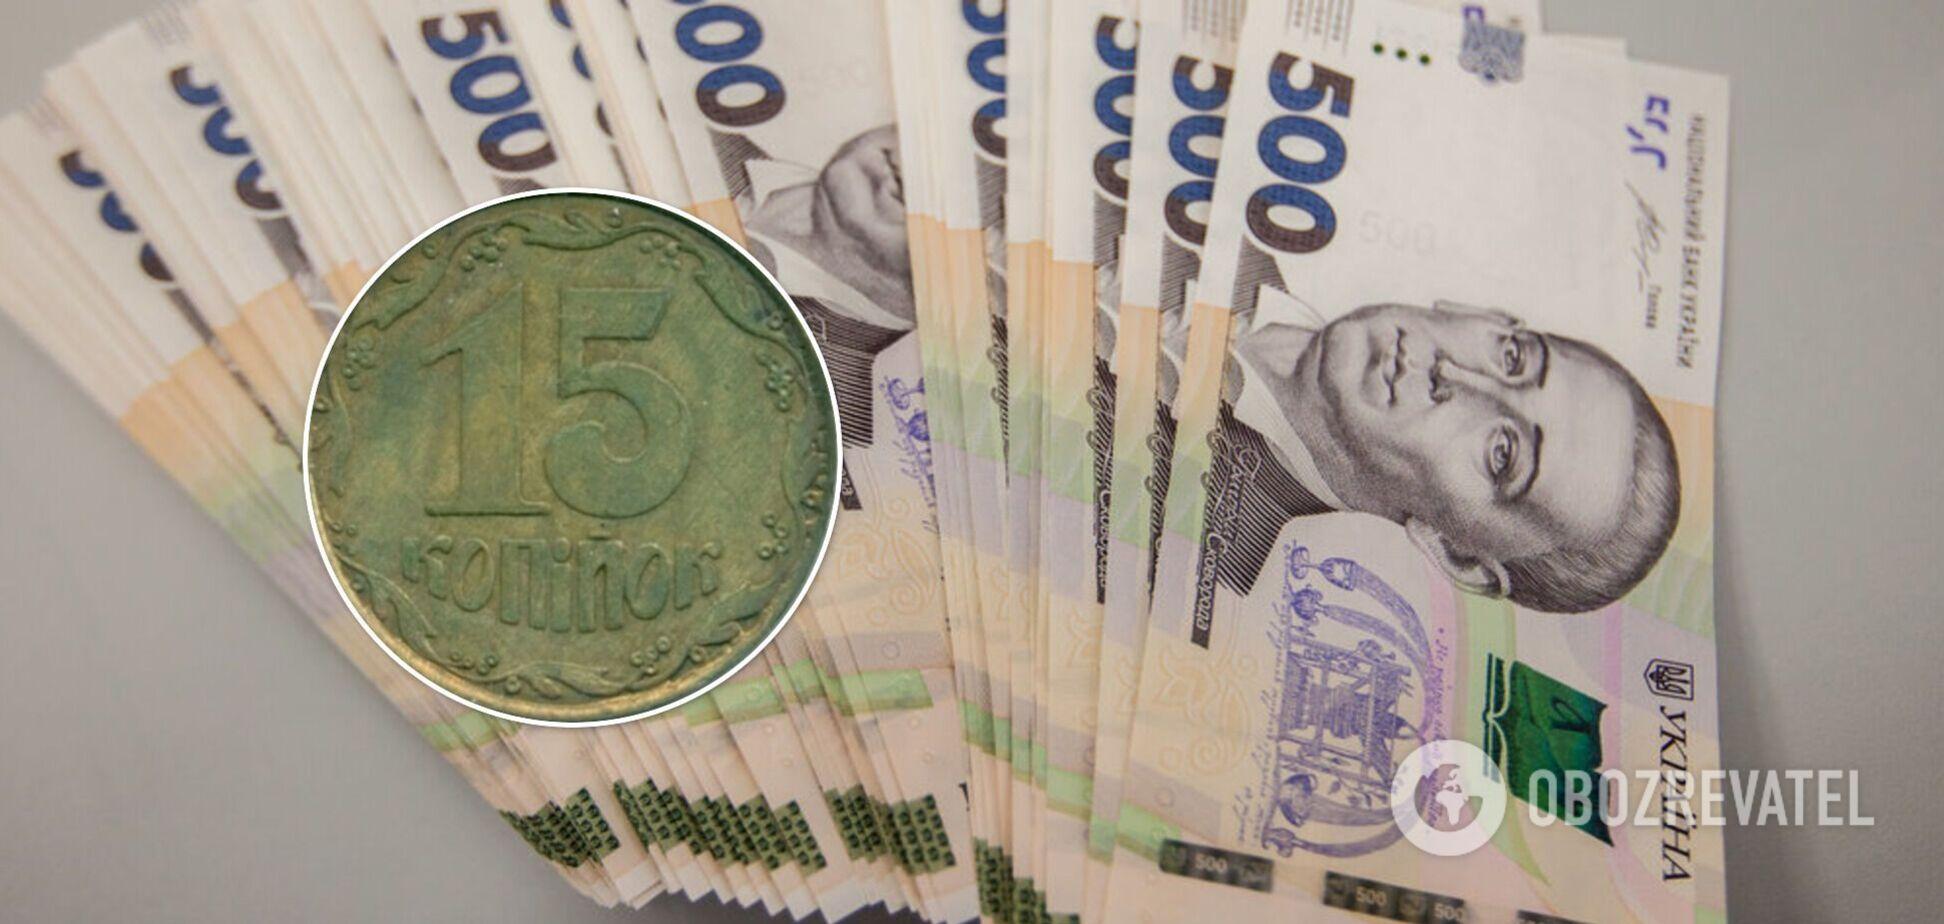 15 копійок намагаються продати за десятки тисяч гривень